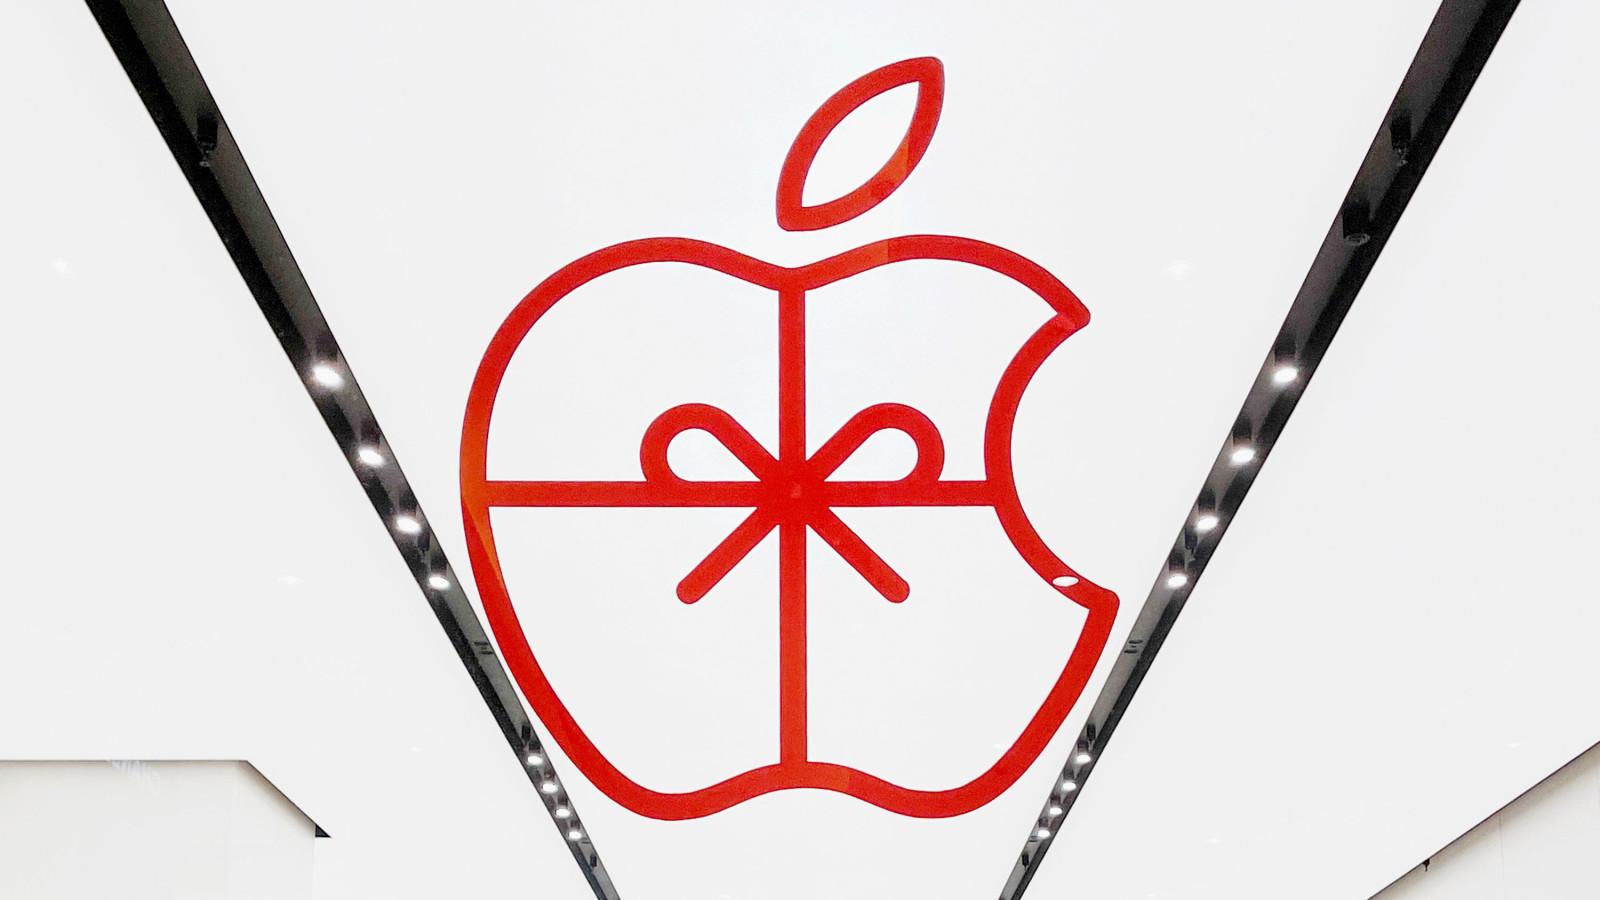 Mit etlichen Neuheiten plant Apple im Jahr 2021